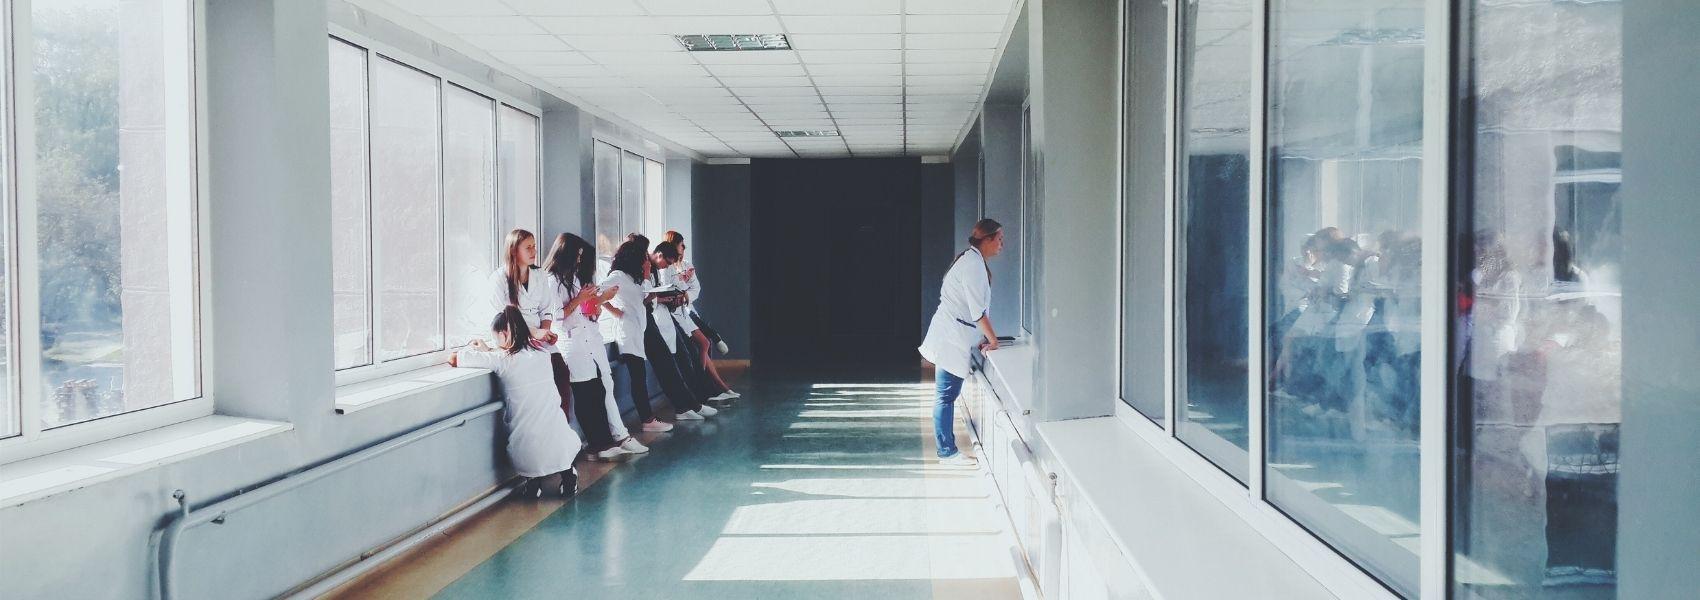 Uso racional de sangue nos cuidados paliativos: um equilíbrio difícil de encontrar